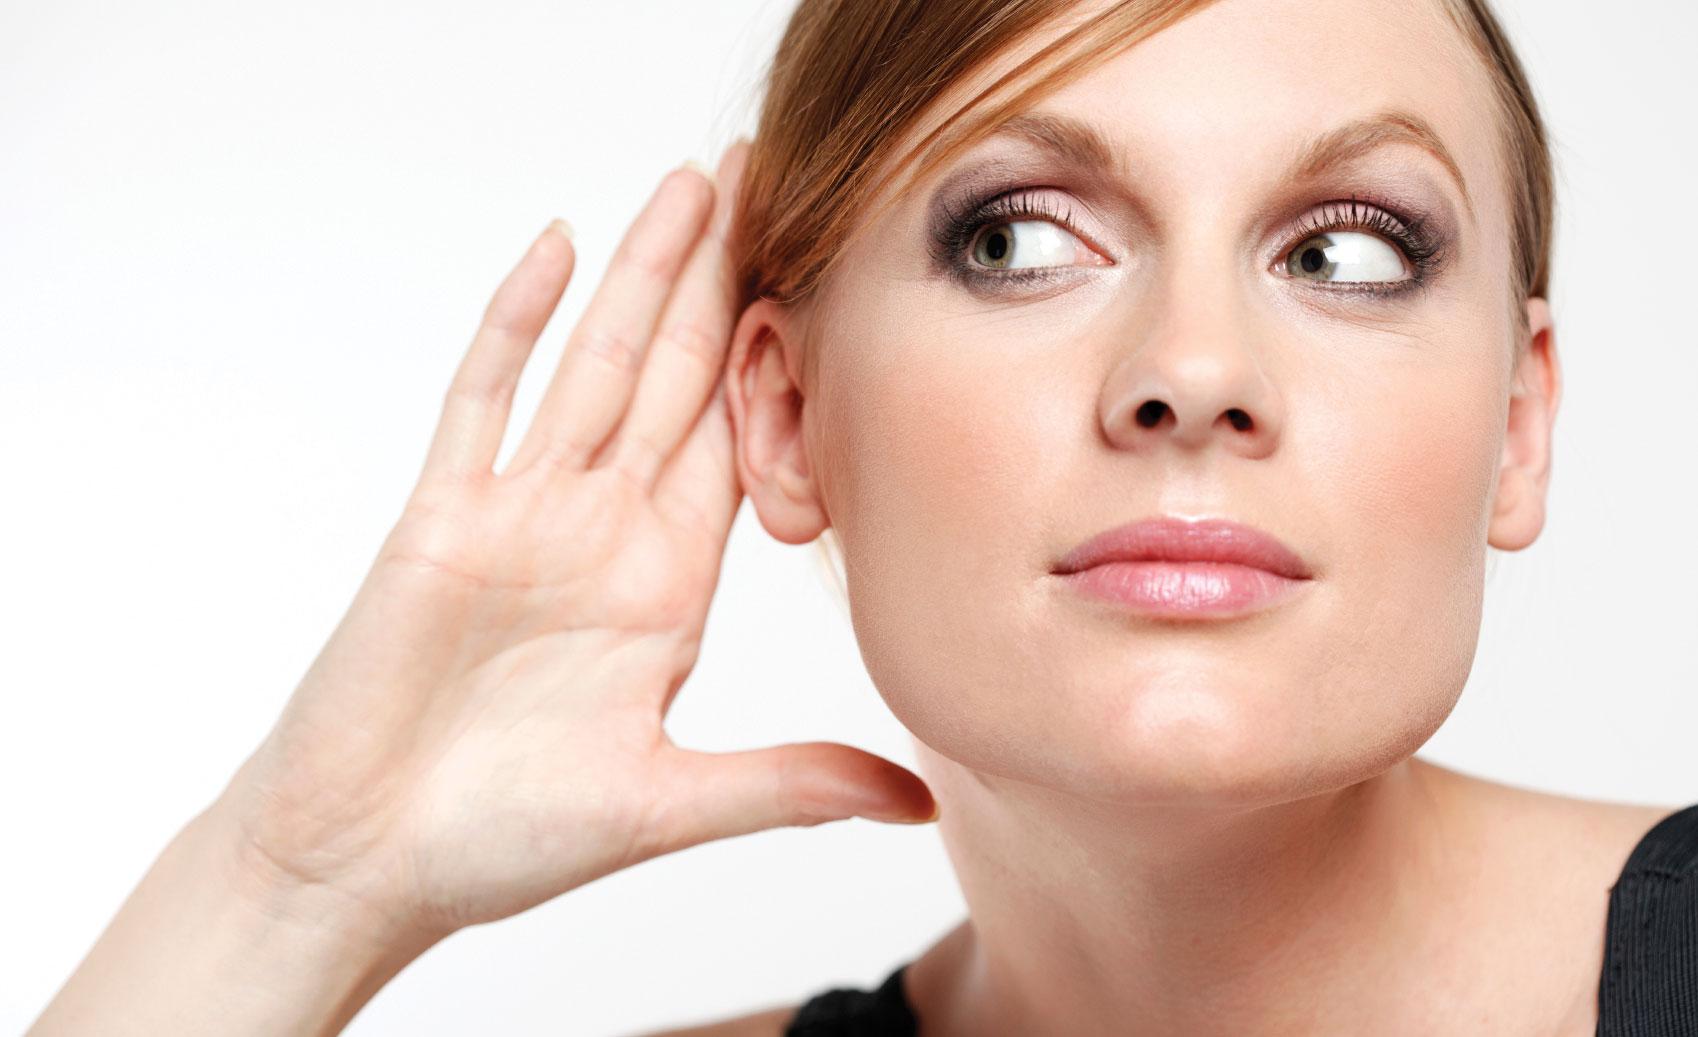 Резкое ухудшение слуха сопровождает заболевание.